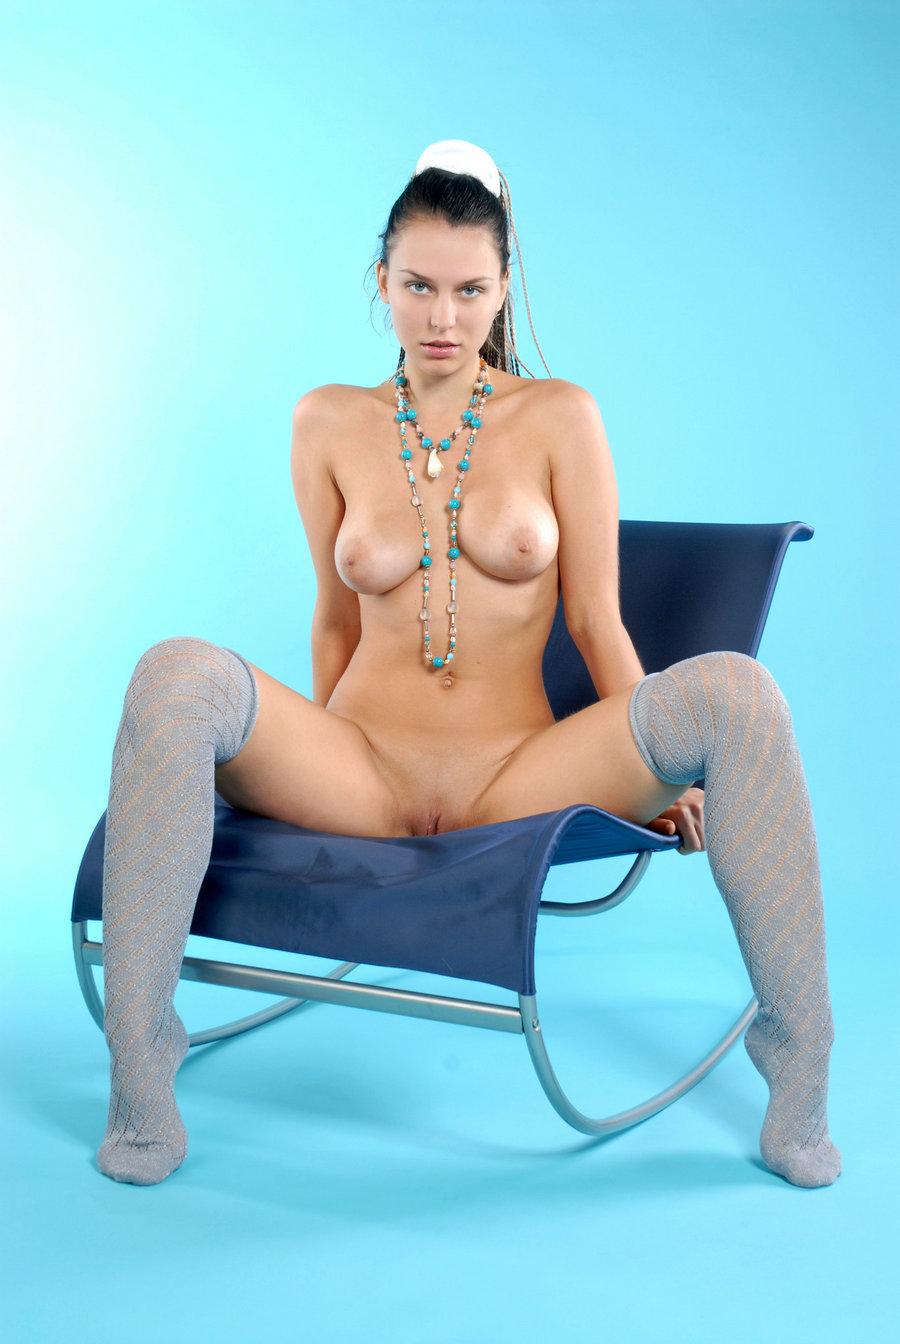 蓝色背景室拍大尺度俄罗斯裸模Iveagh_国模大尺度私拍